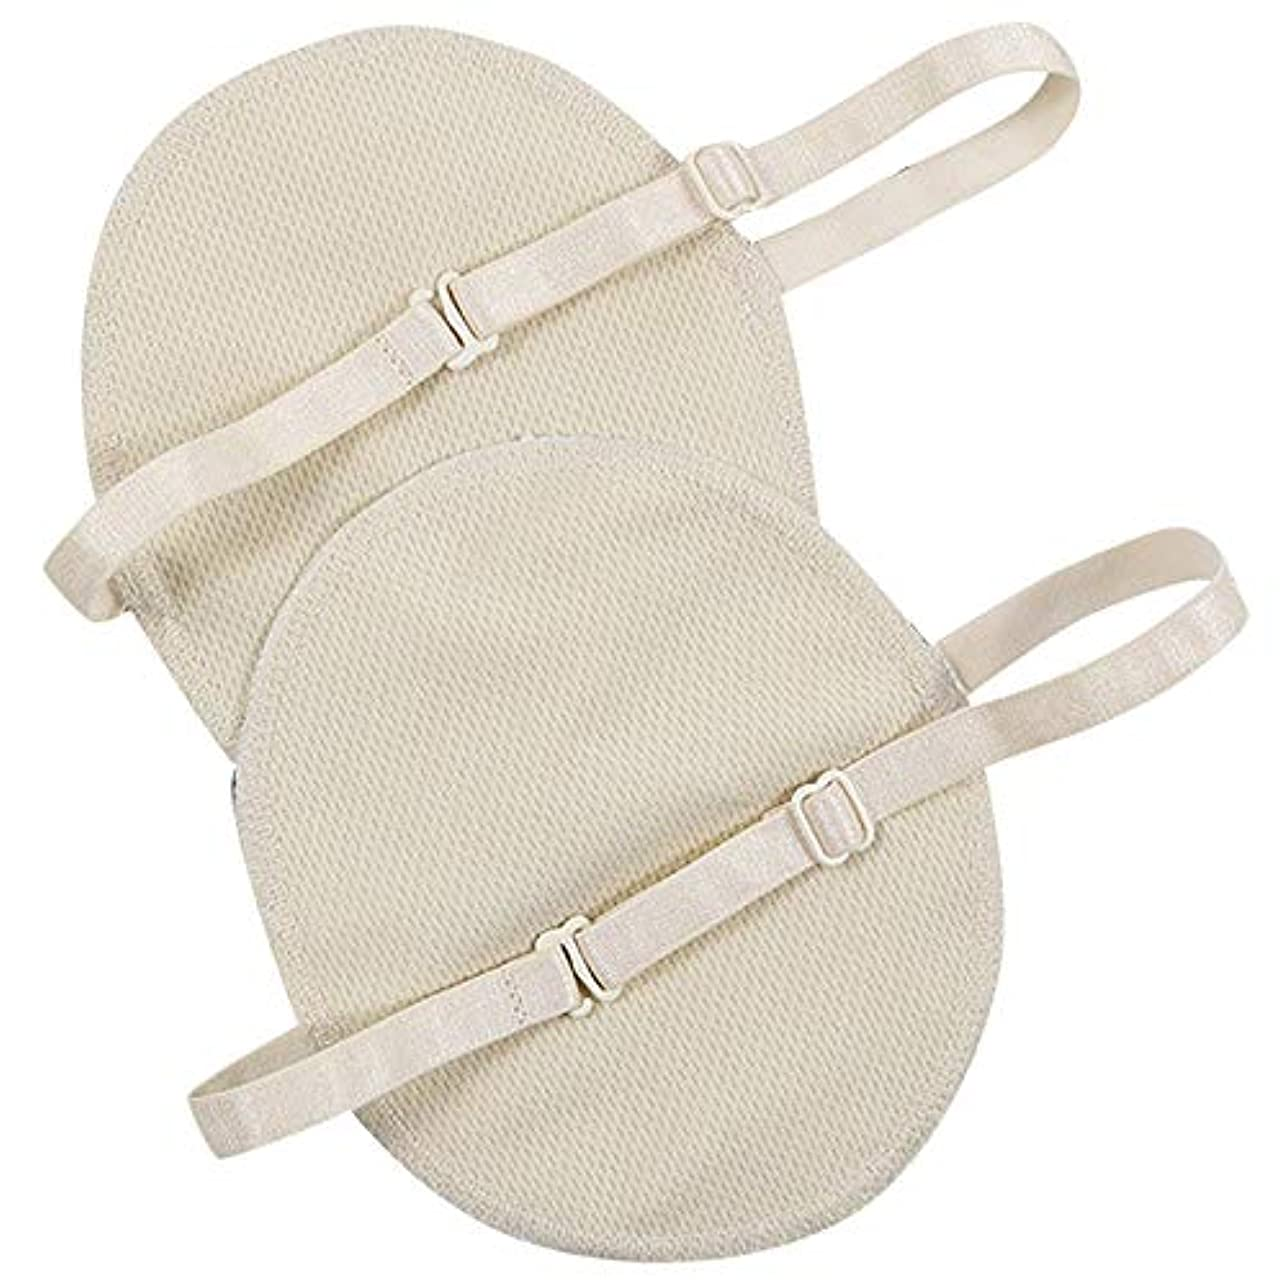 申し込む軽減する極地1ペア脇の下汗シールドパッド洗える脇の下汗吸収ガードショルダーストラップ再利用可能な脇の下汗パッド夏